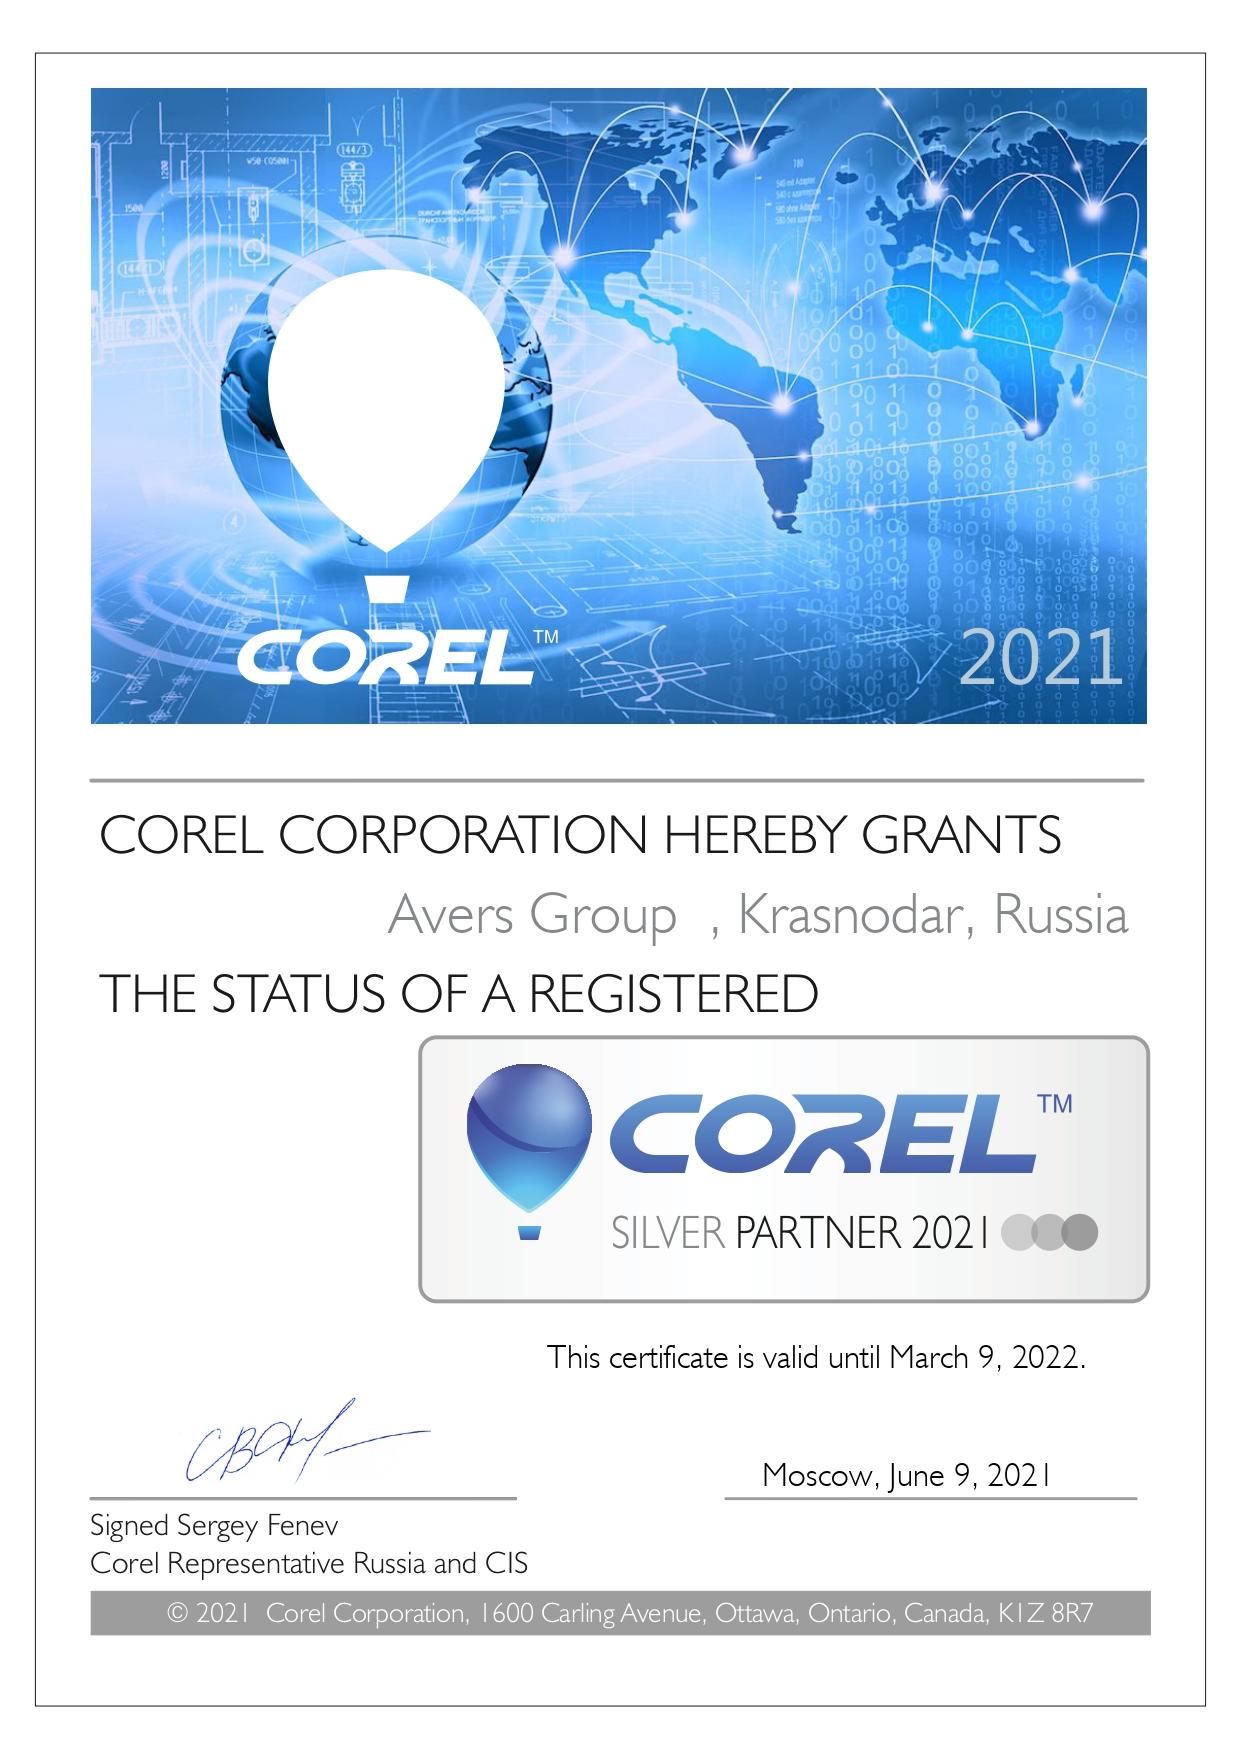 Сертификат партнера COREL 2021